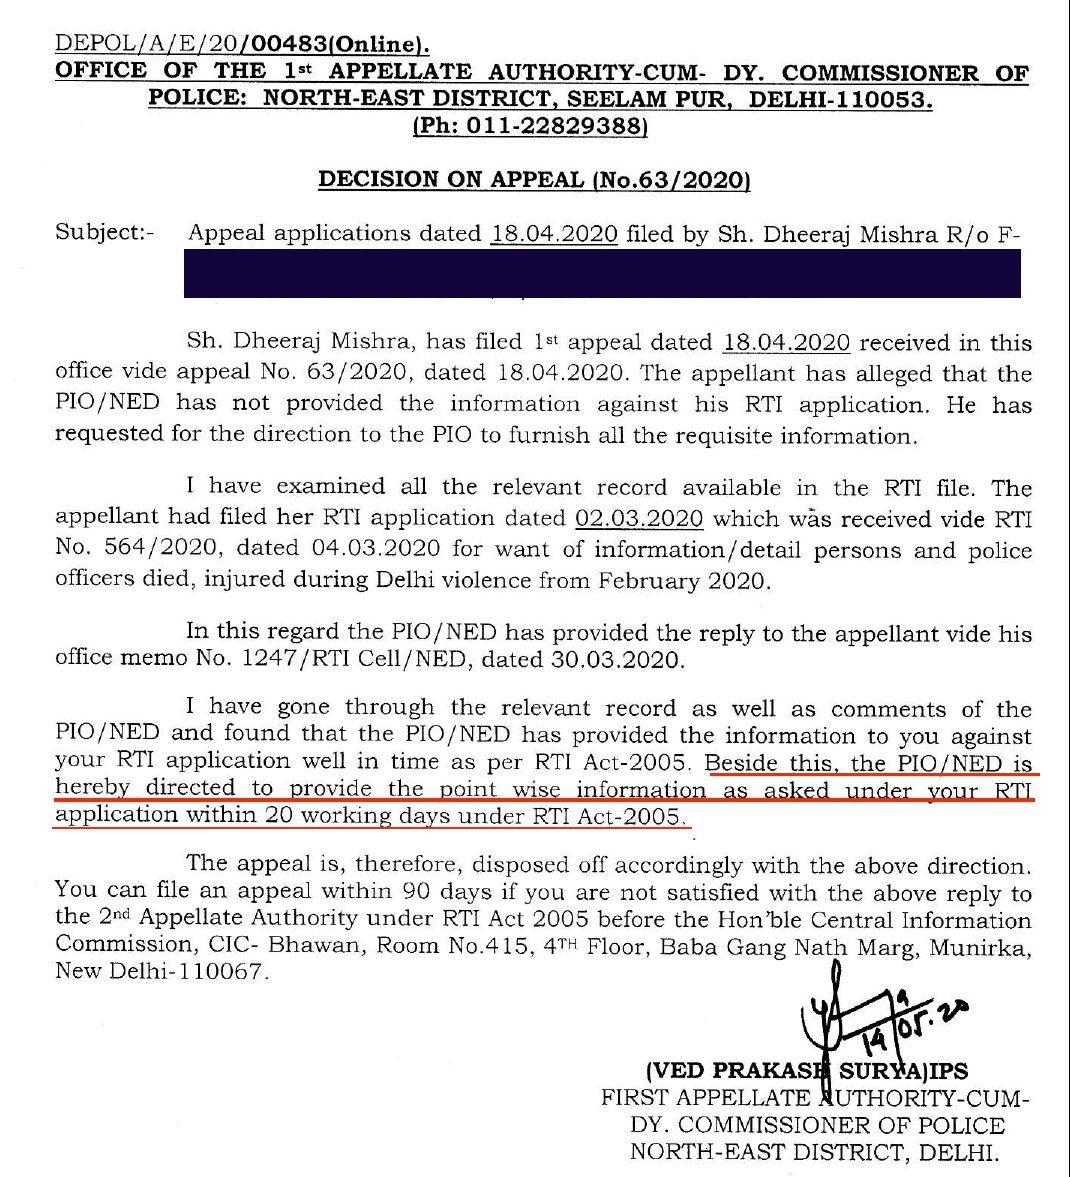 دہلی پولیس کے اپیلیٹ اتھارٹی کی ہدایت۔